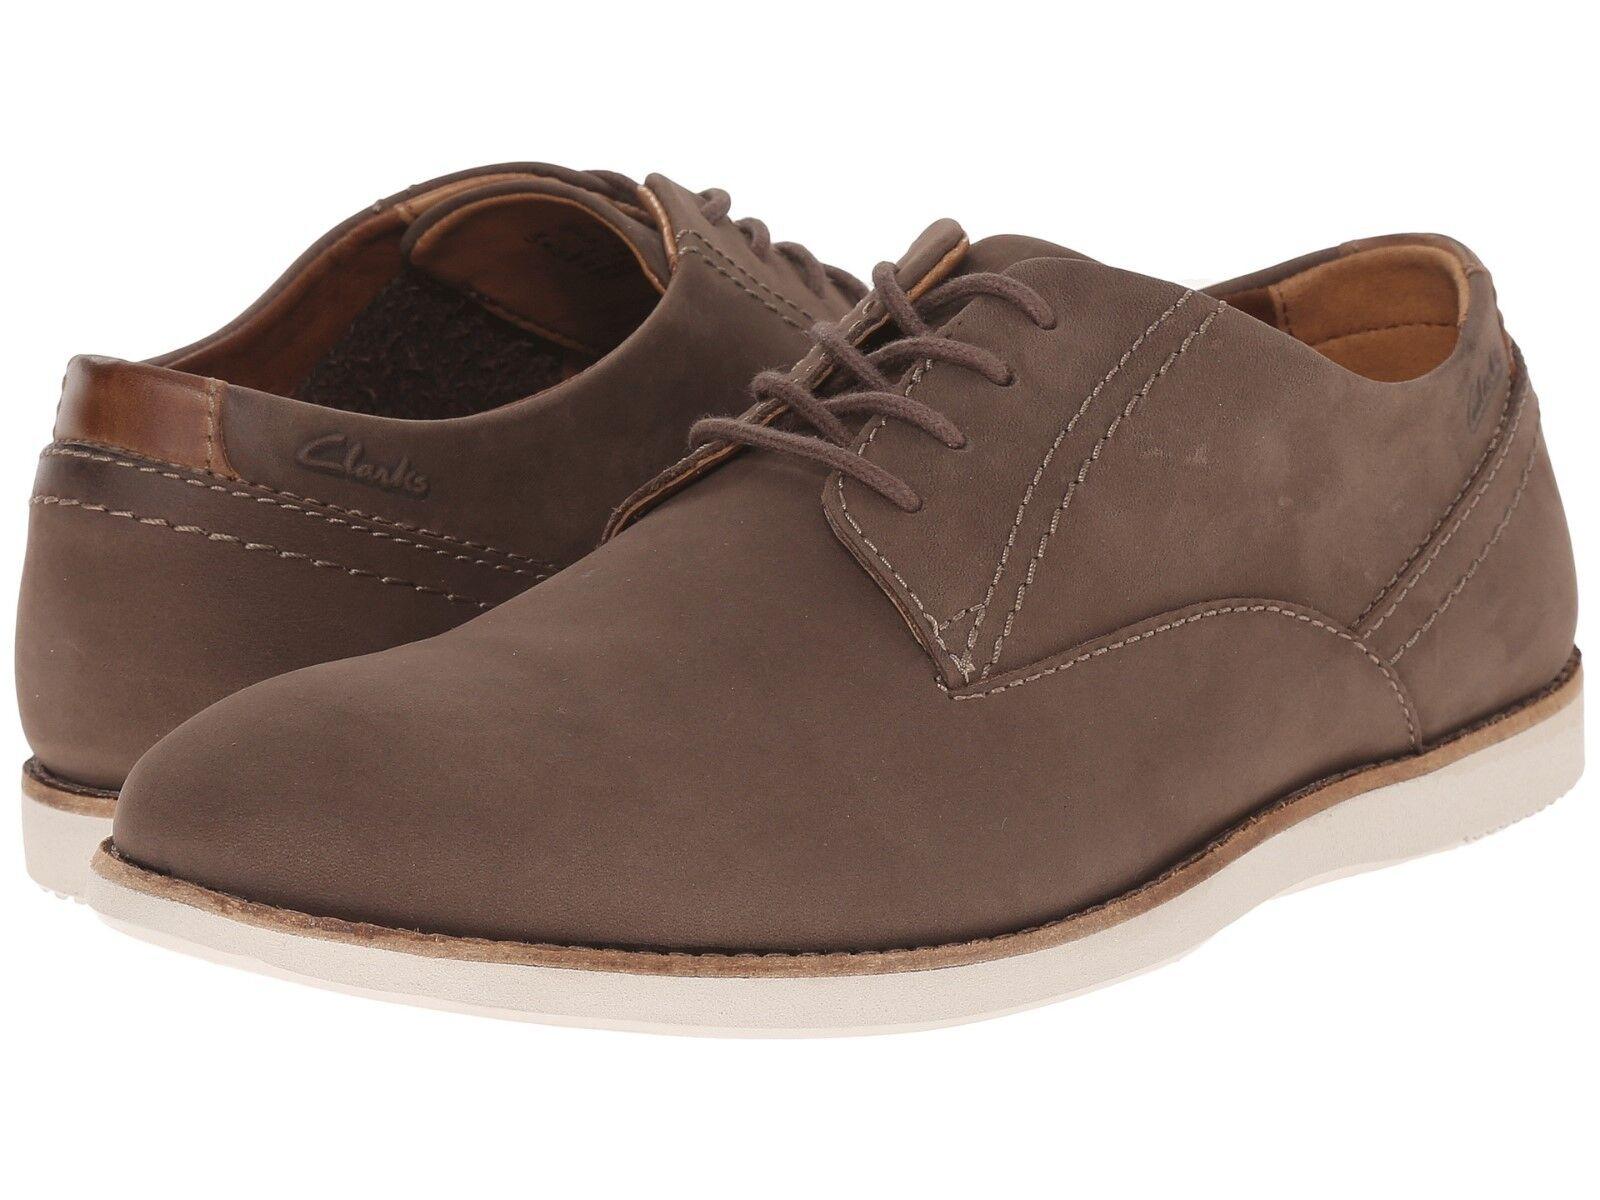 Men's Clarks 1825 Franson Plain Buck shoes Brown Nubuck 26114889